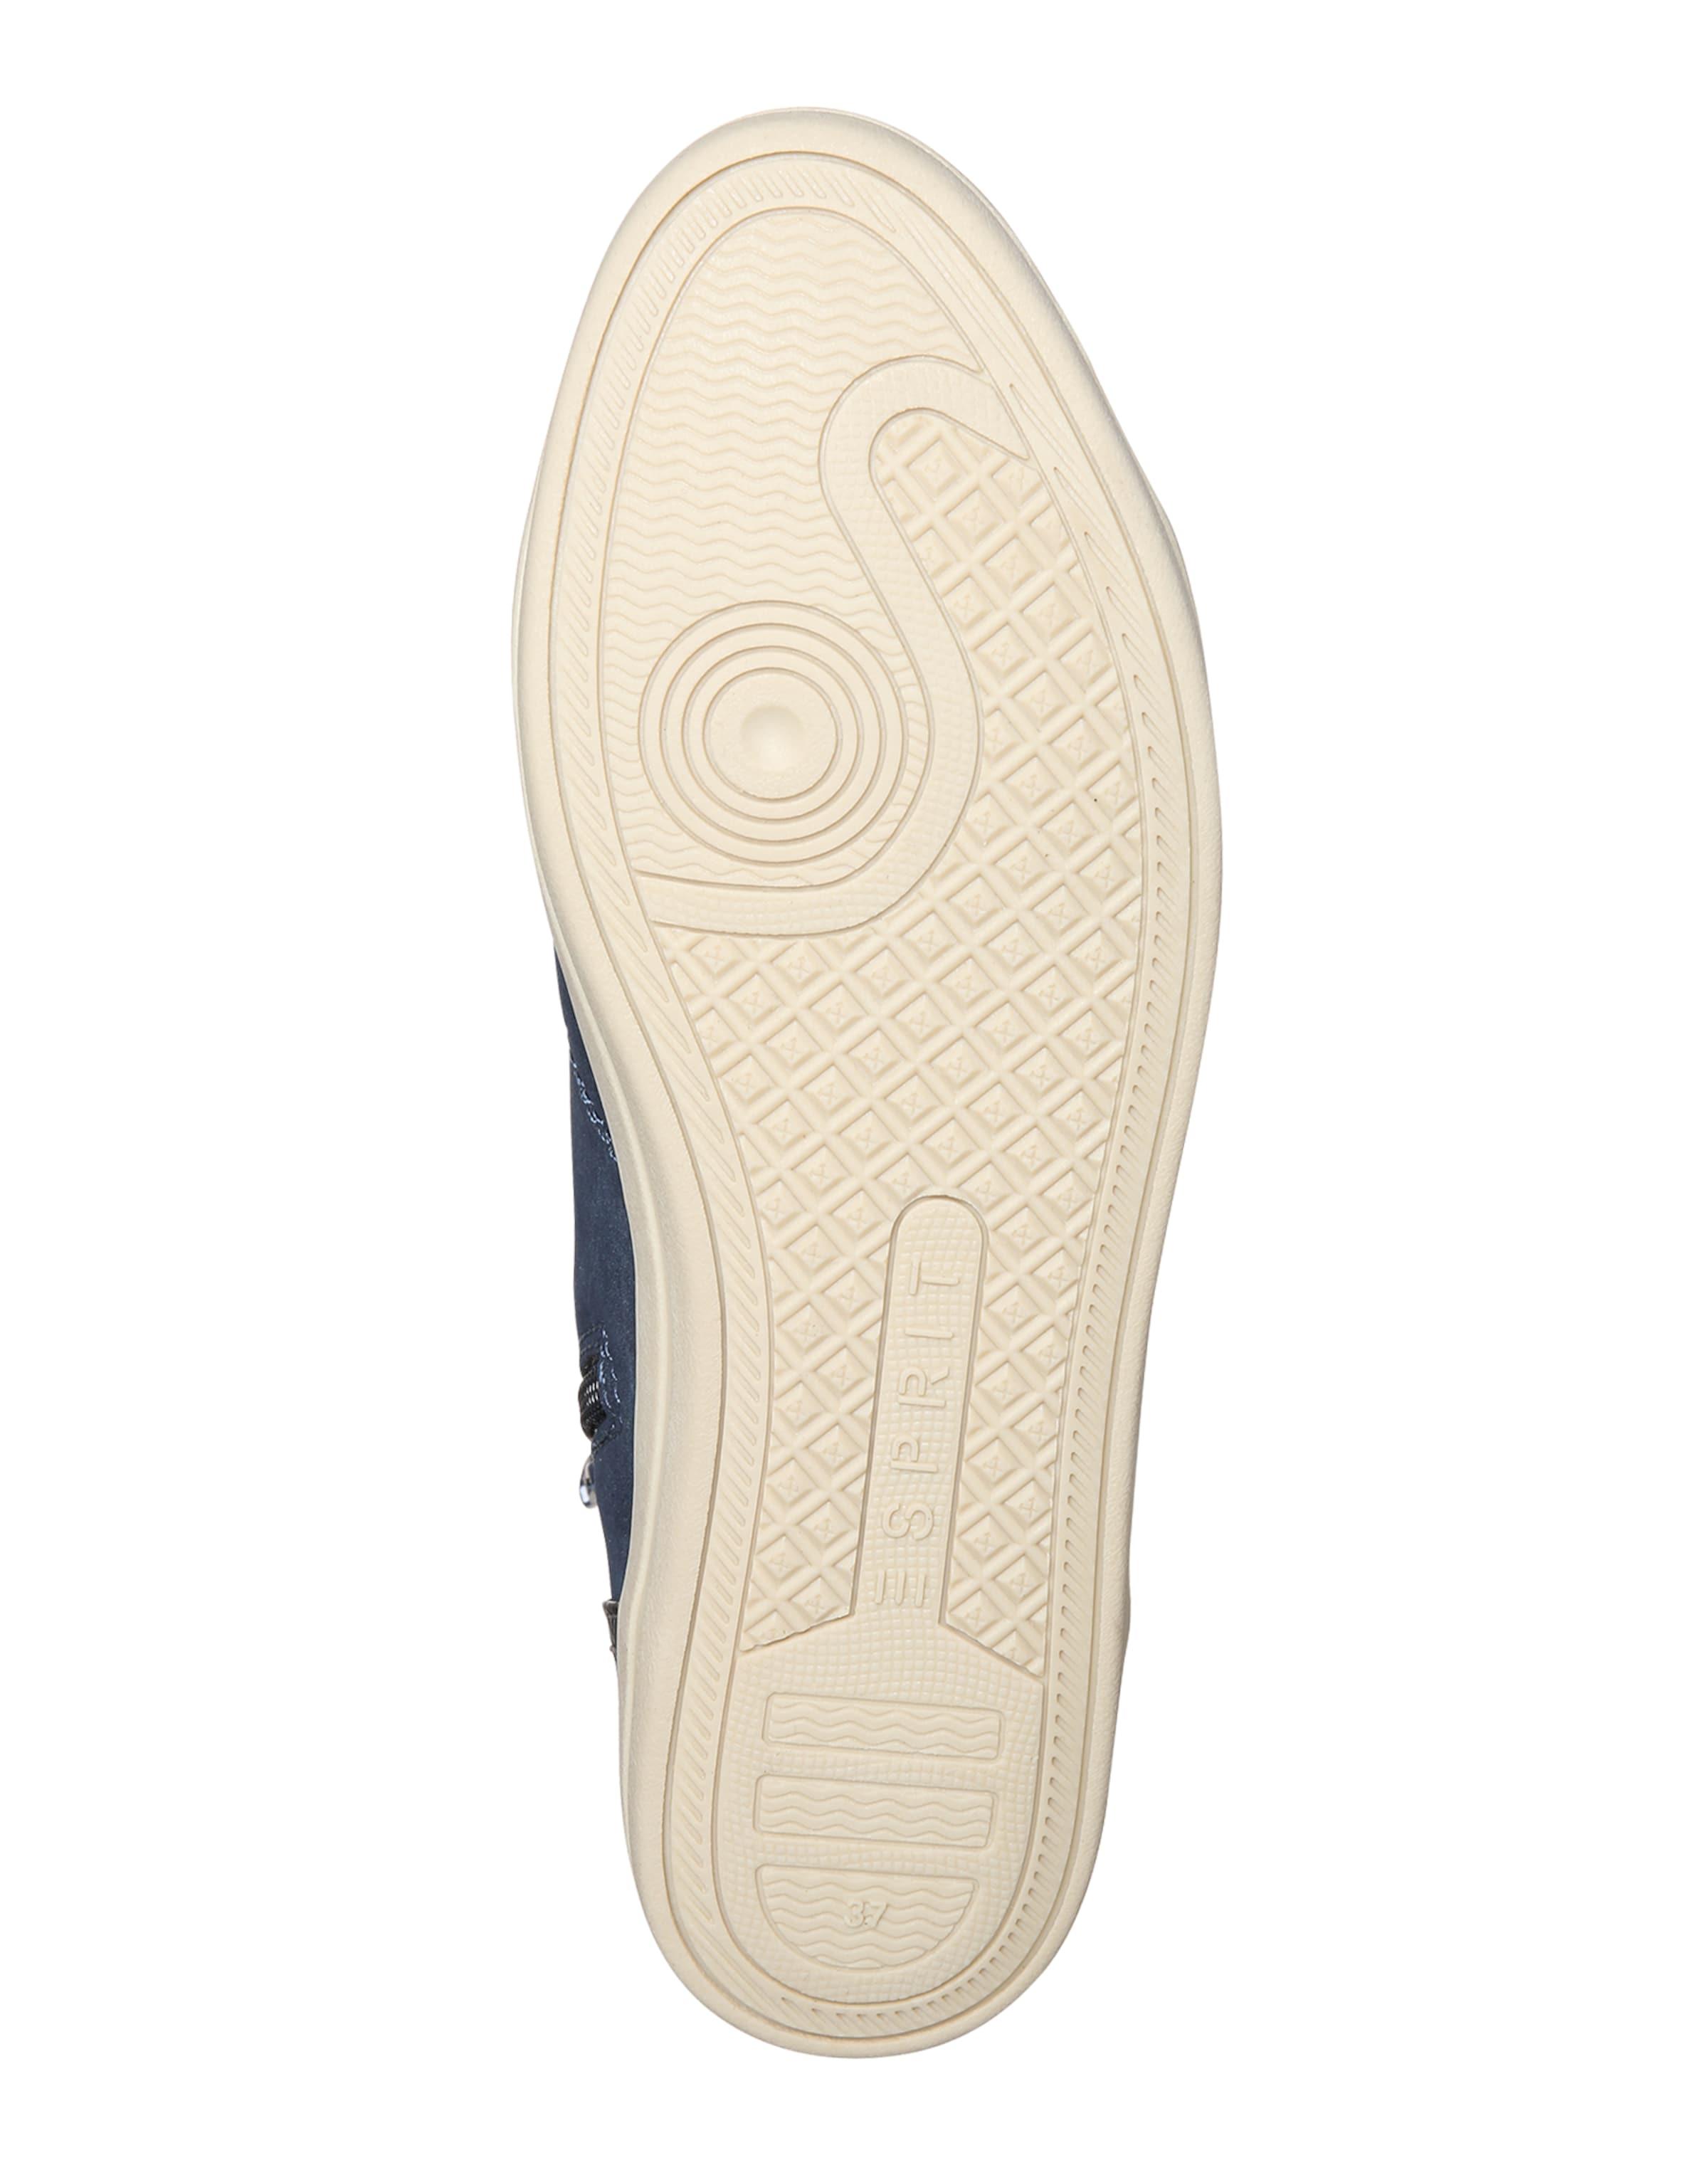 ESPRIT Sneaker High Durchsuche GnGTD7cL